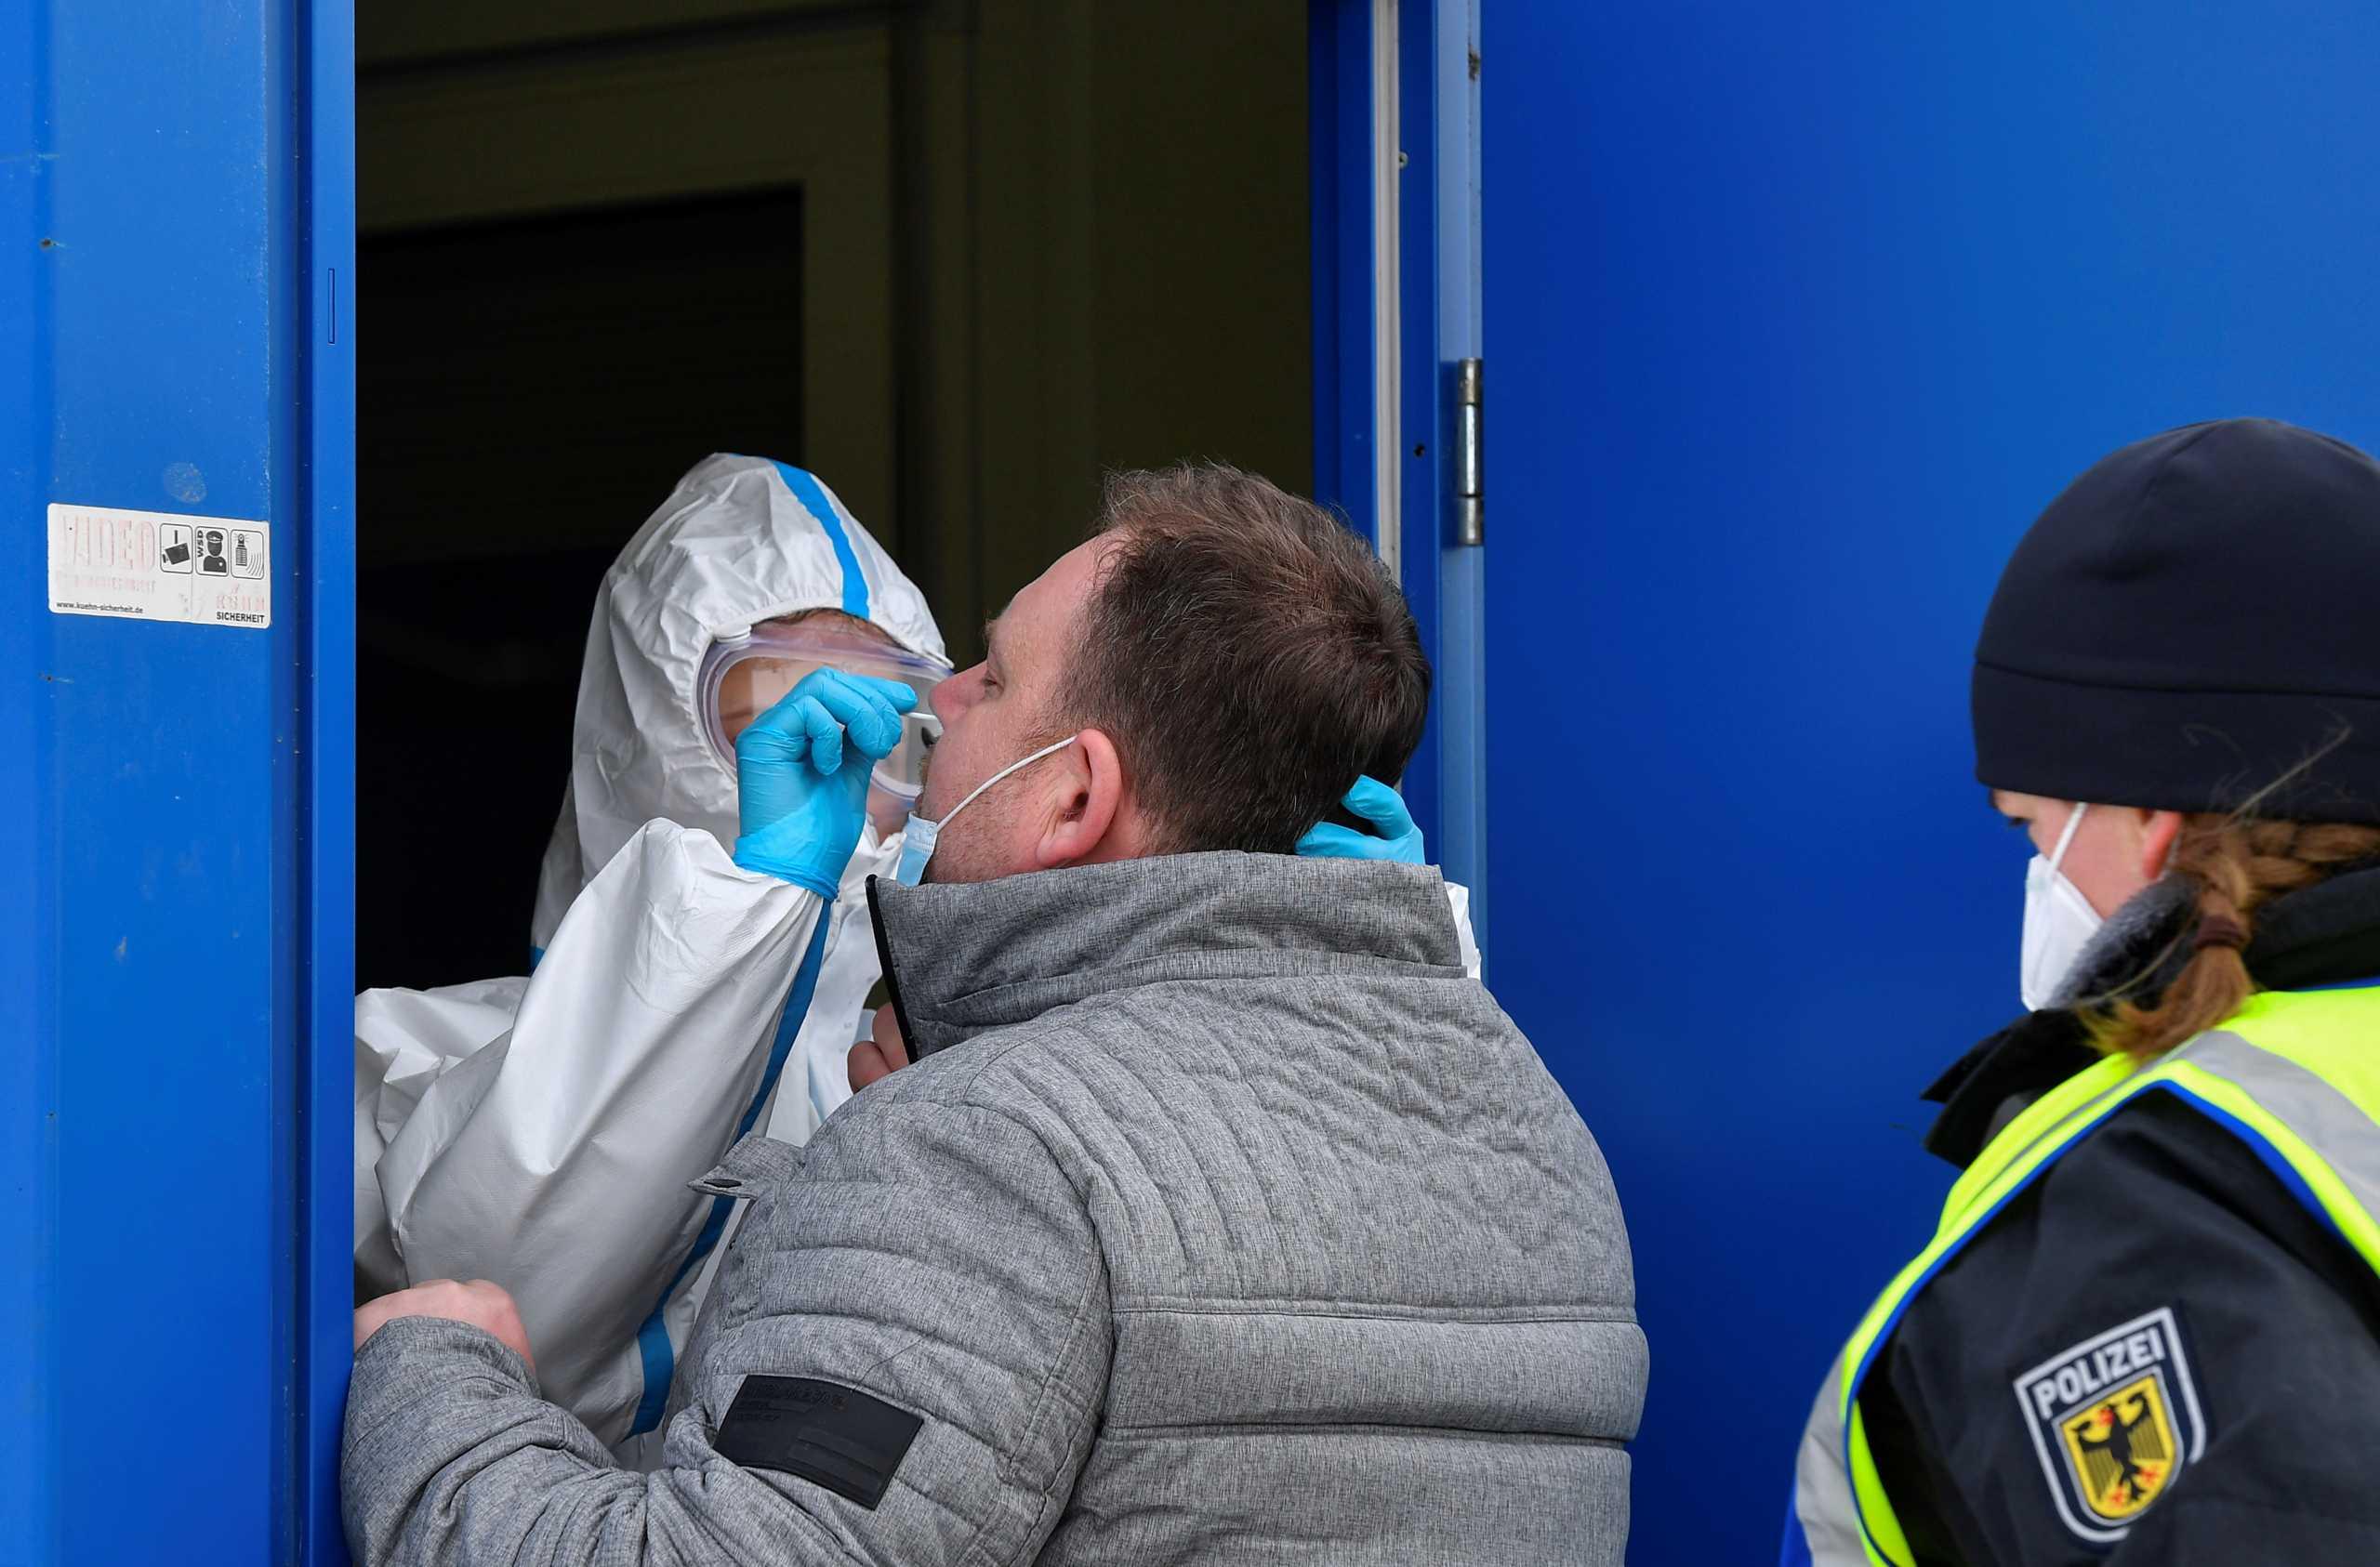 Γερμανία: Δωρεάν για όλους από 1η Μαρτίου τα γρήγορα τεστ κορονοϊού